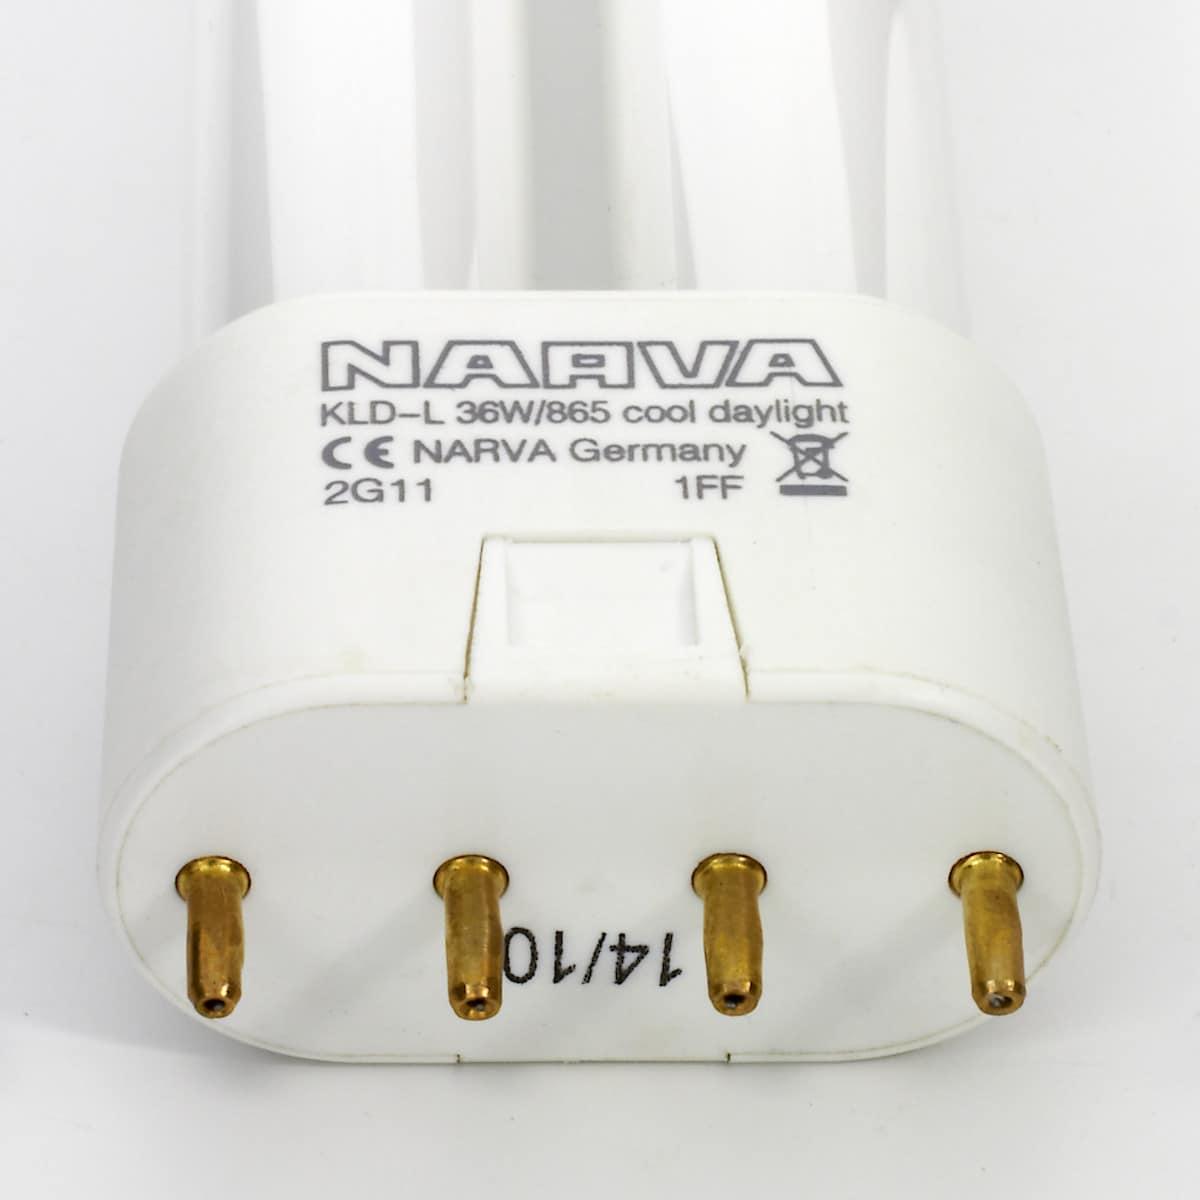 Kompaktlysrör Narva 36 W/865